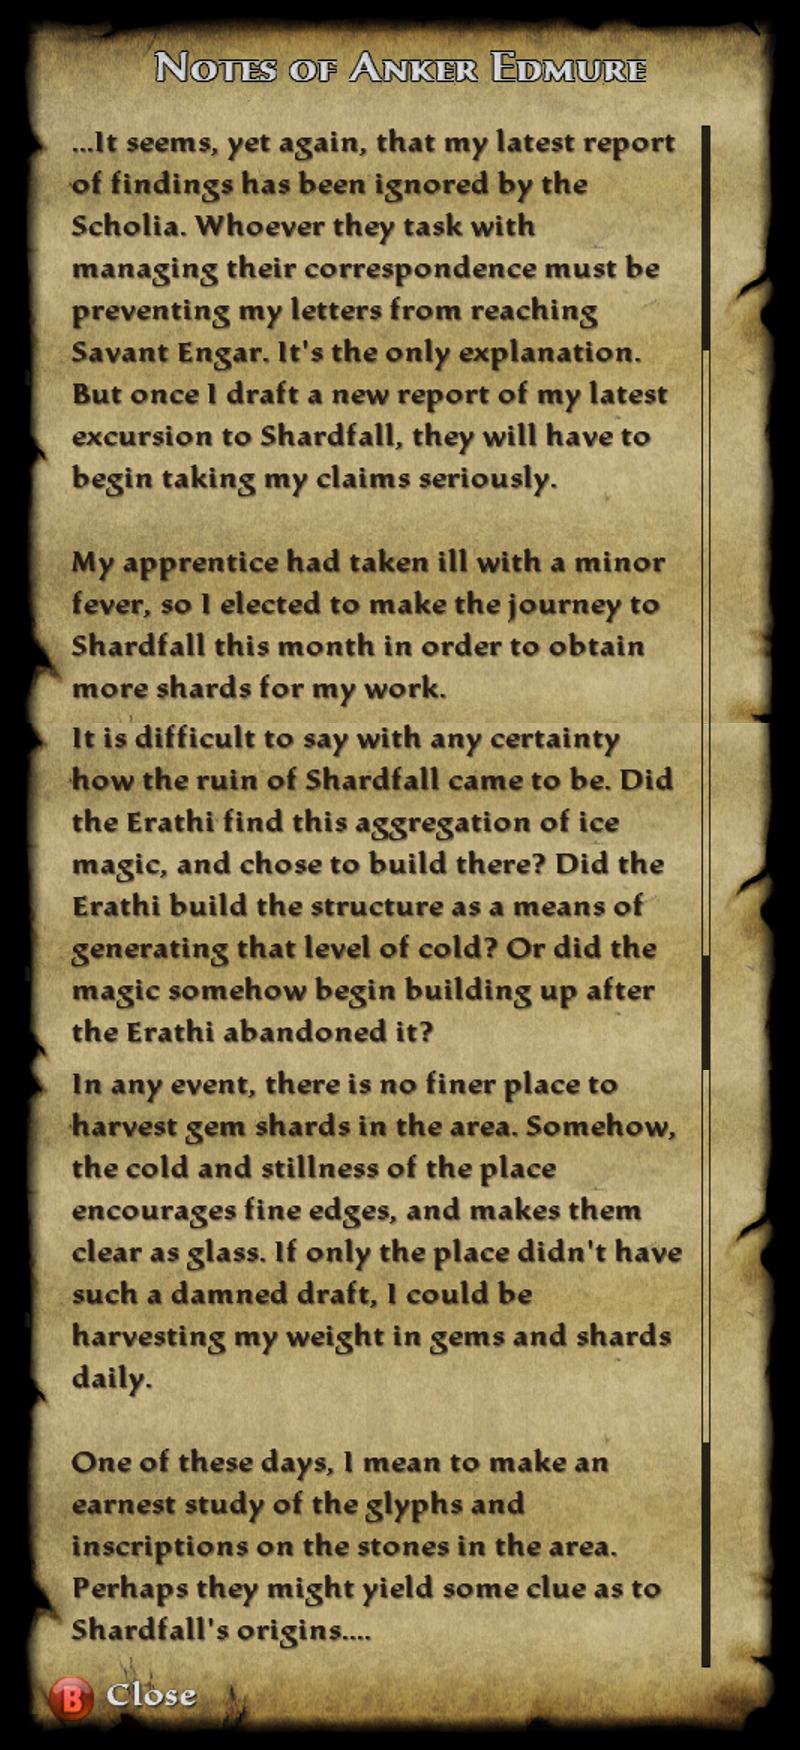 Book journey shardfall text.jpg